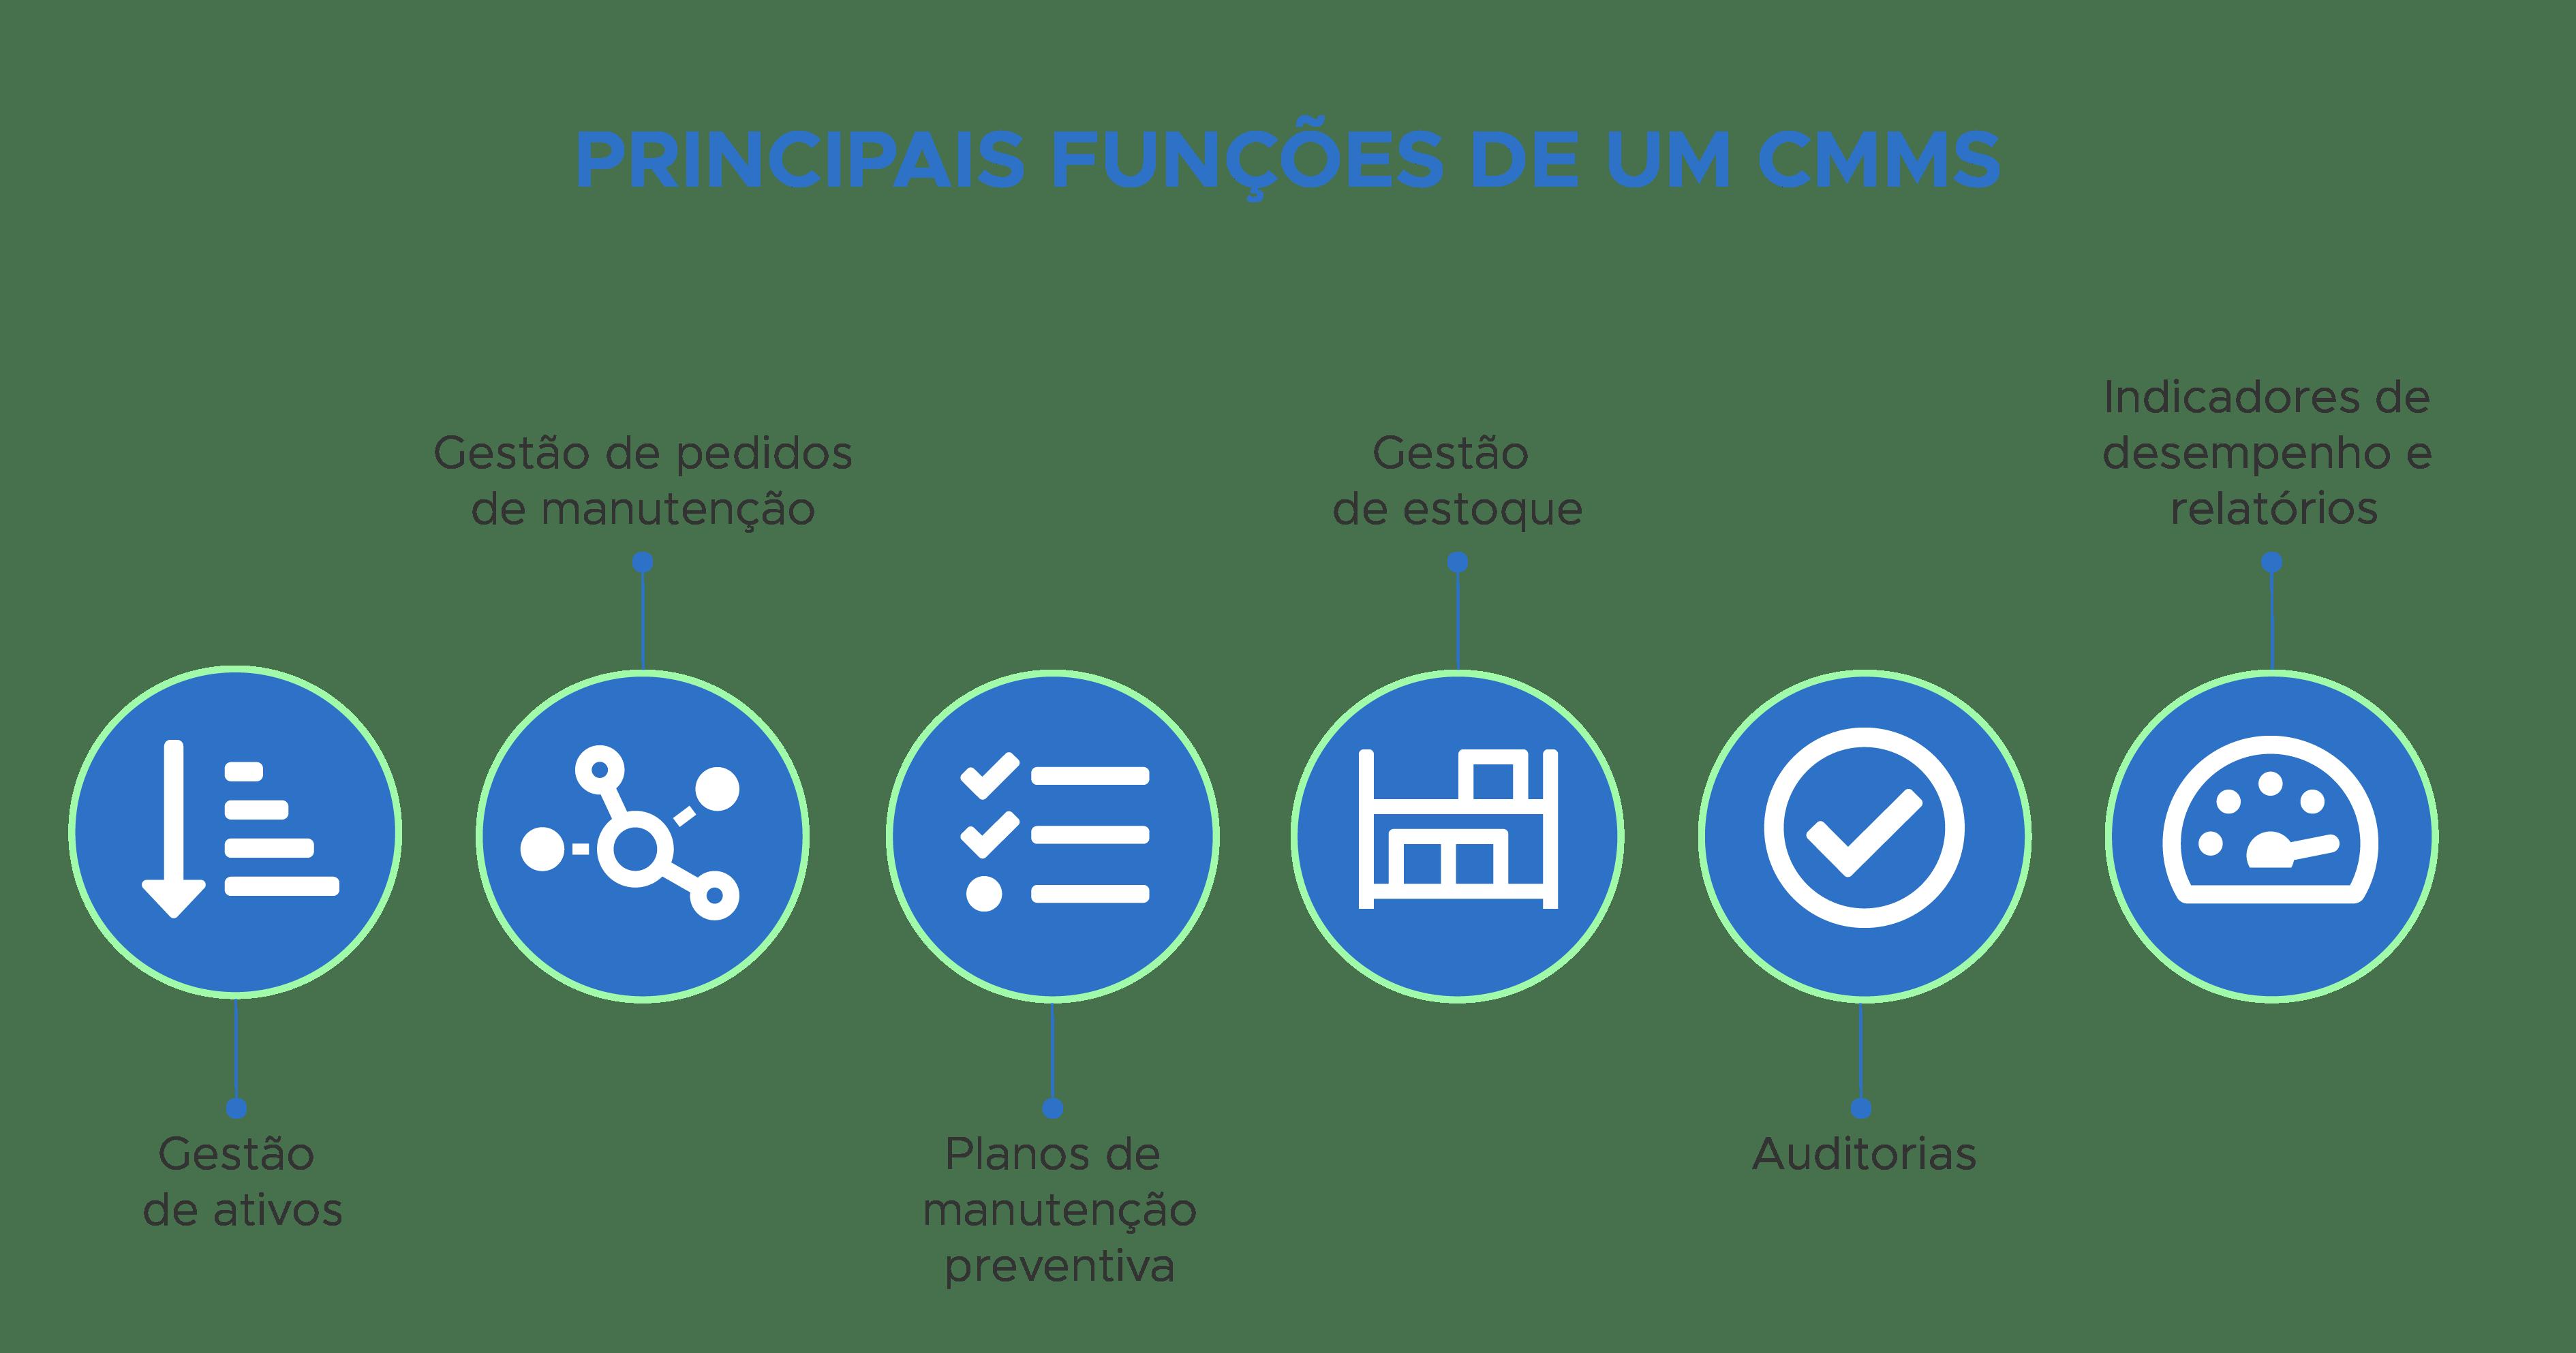 Principais funcionalidades do CMMS